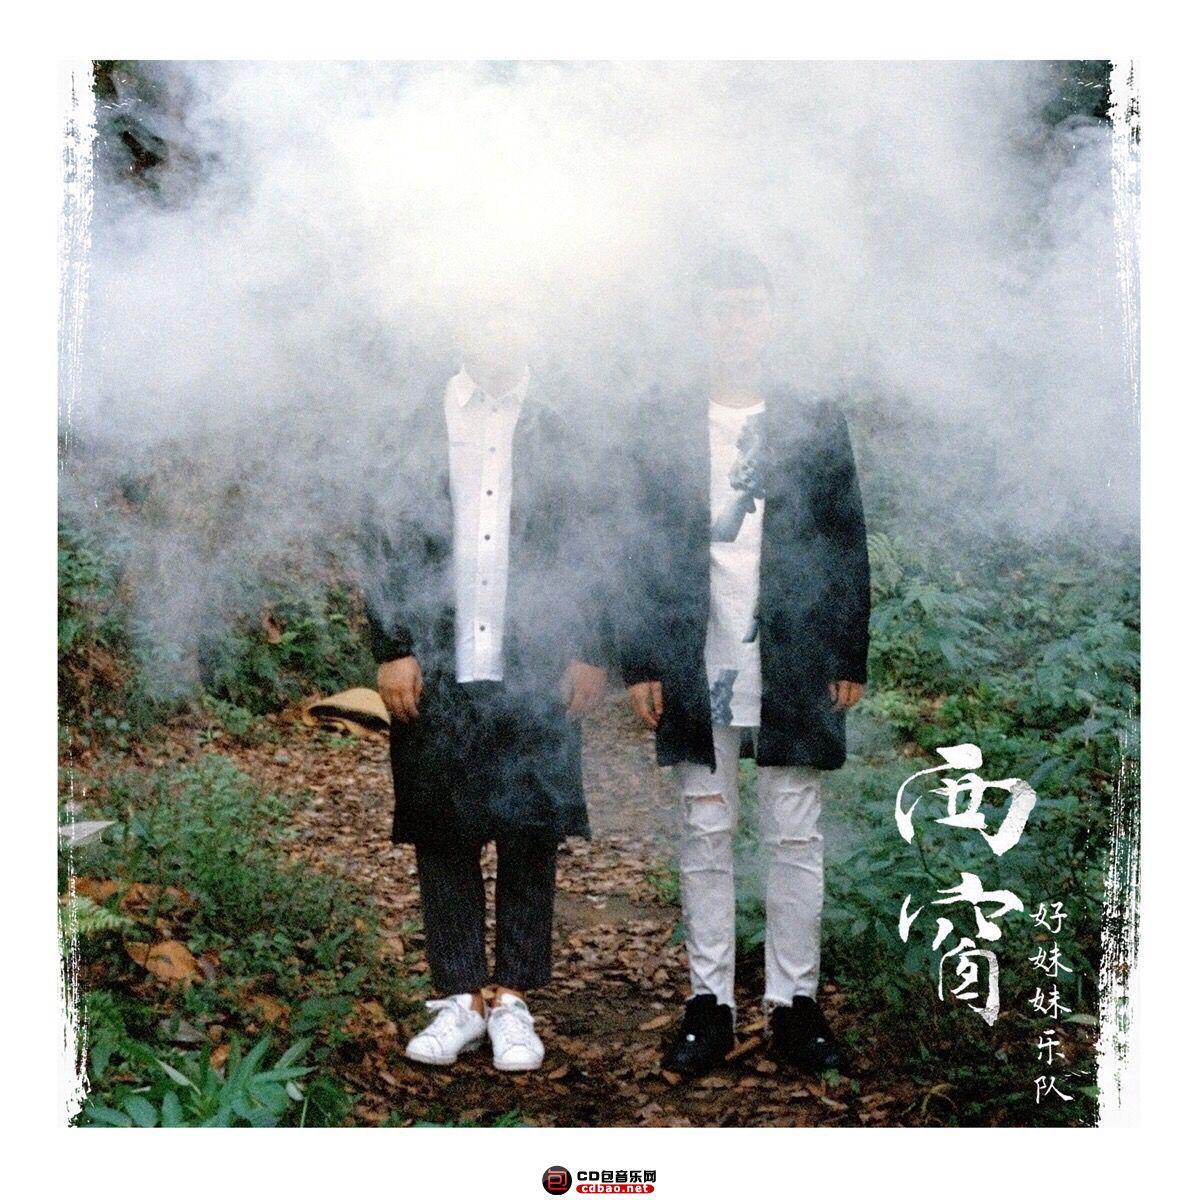 好妹妹乐队专辑《西窗》封面.jpg